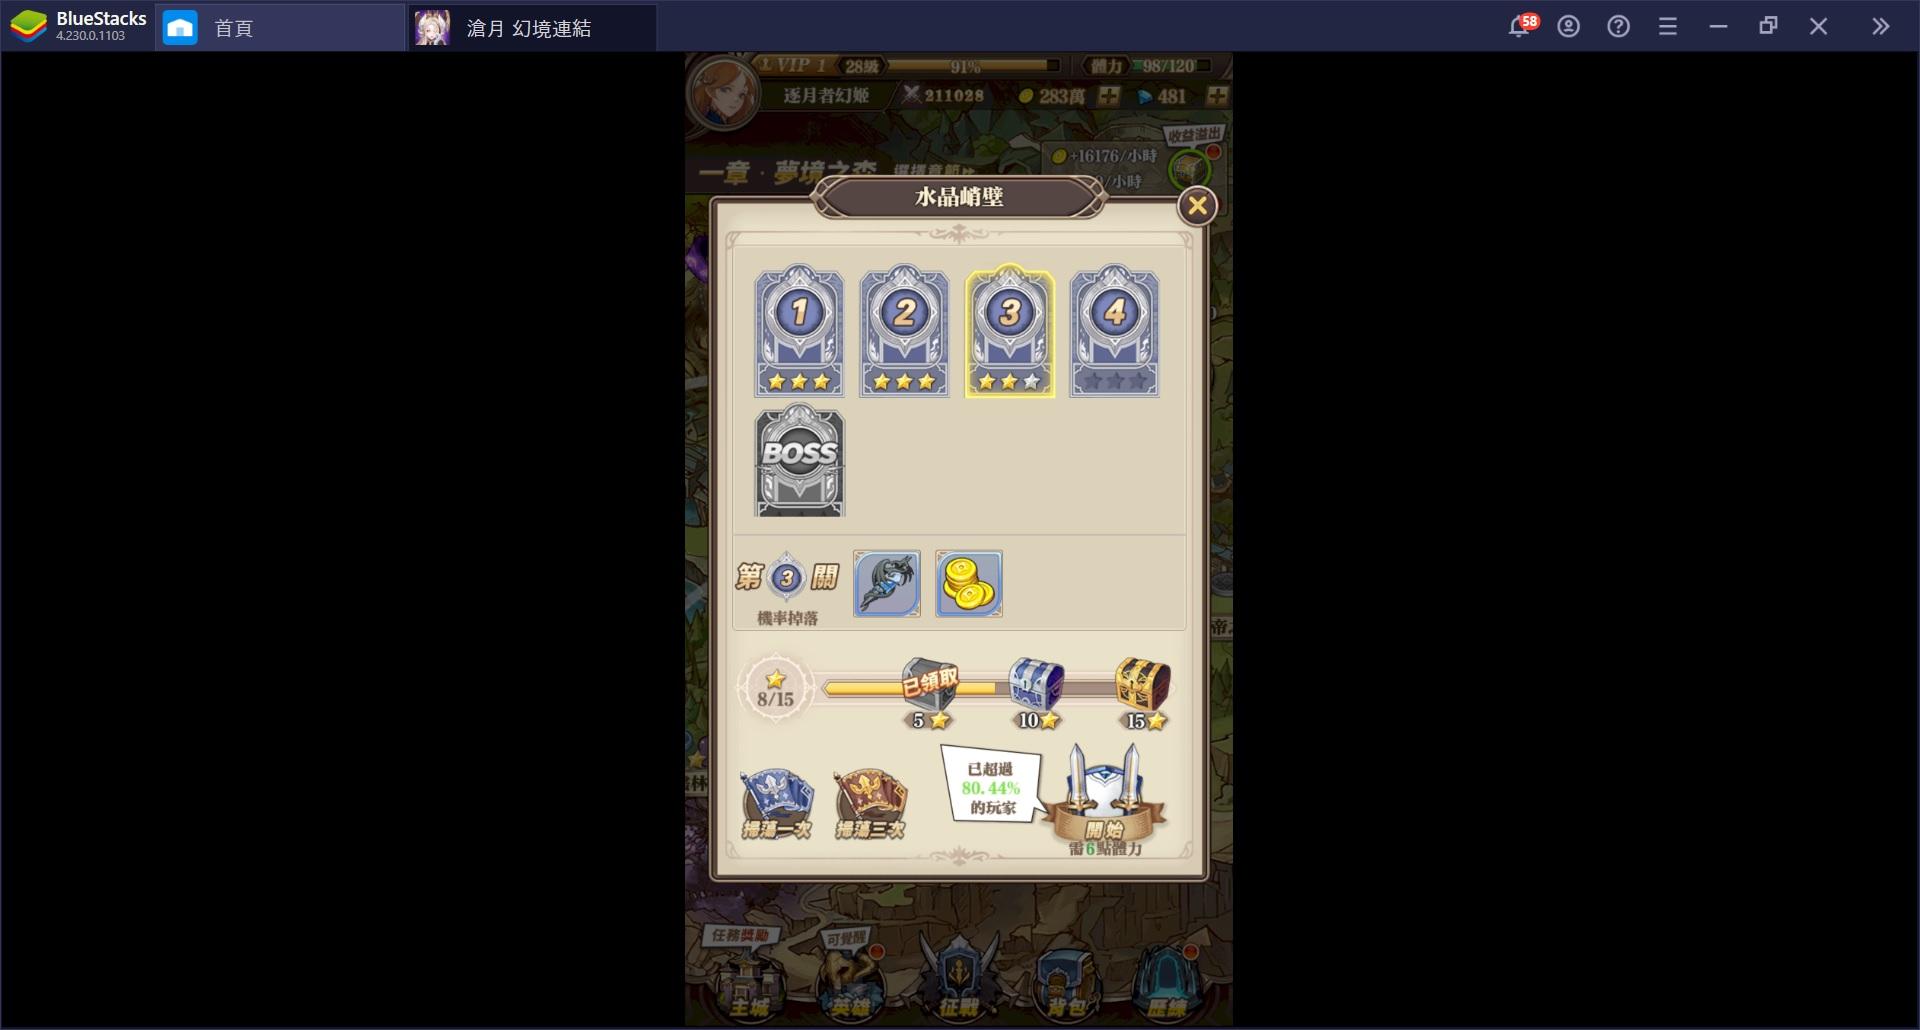 使用BlueStacks在PC上體驗最強爽感養成手遊《滄月:幻境連結》